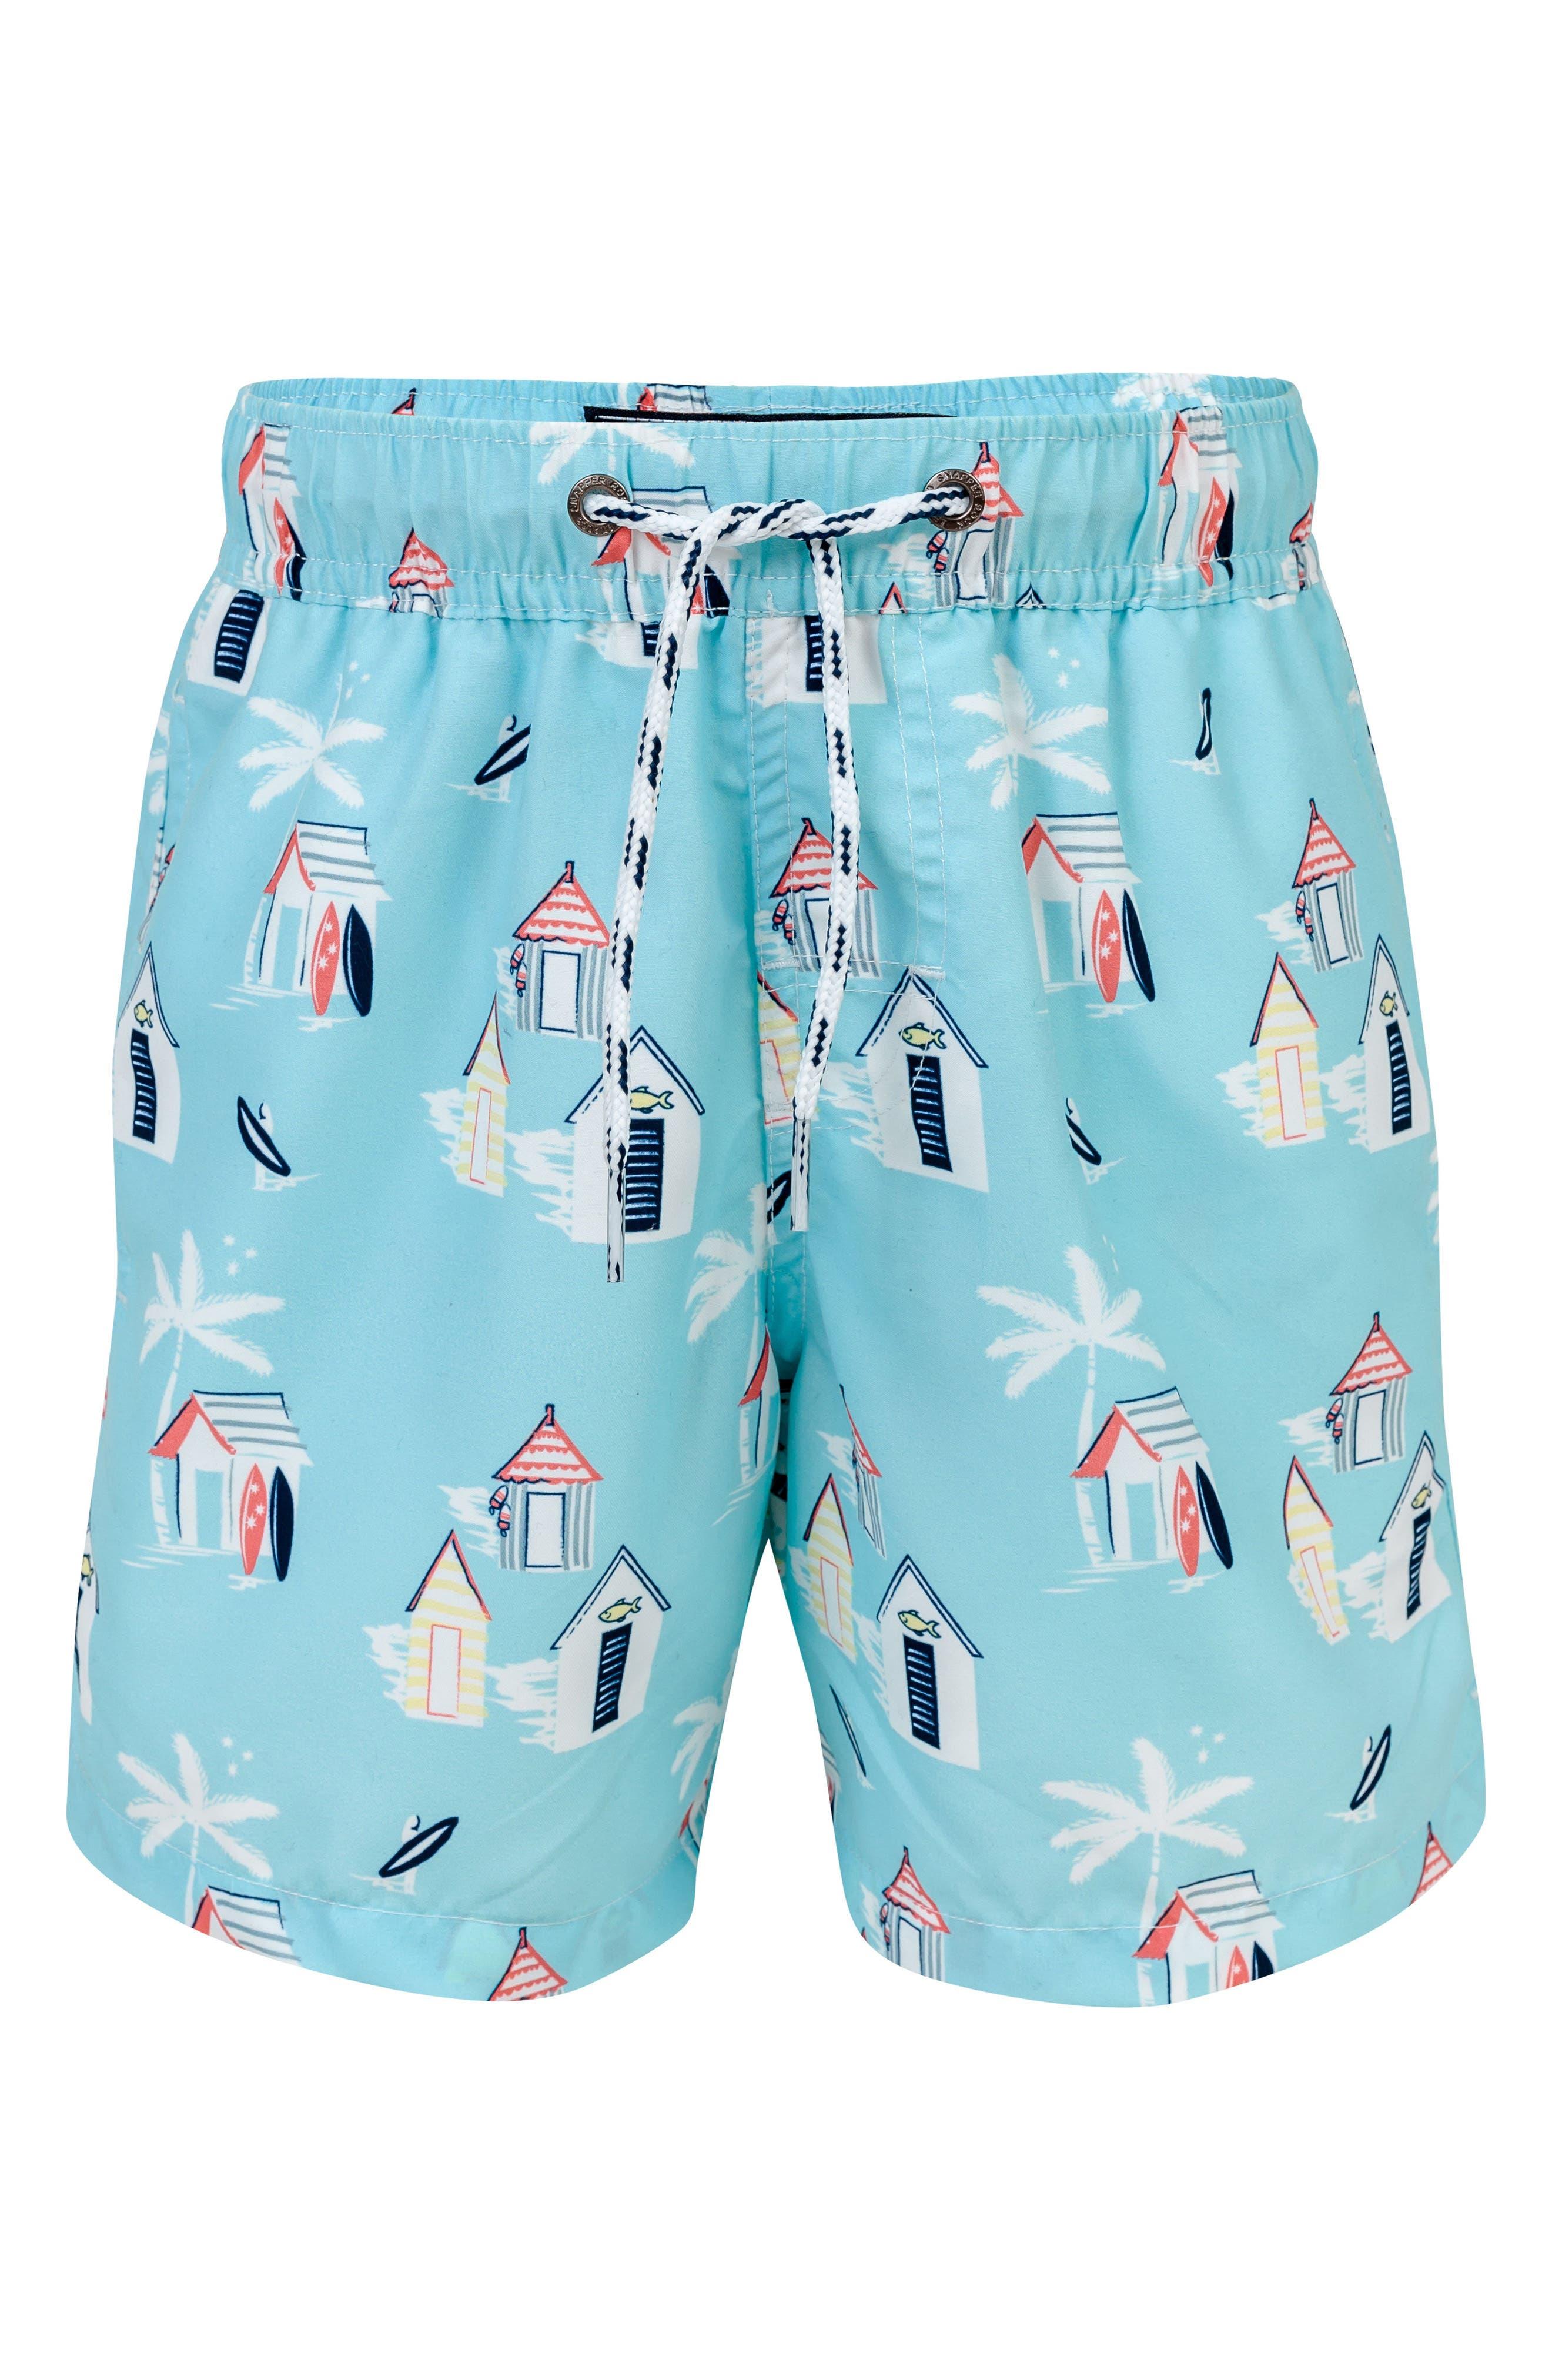 5f6b8bd83f Snapper Rock - Boys' Swimwear and Beachwear